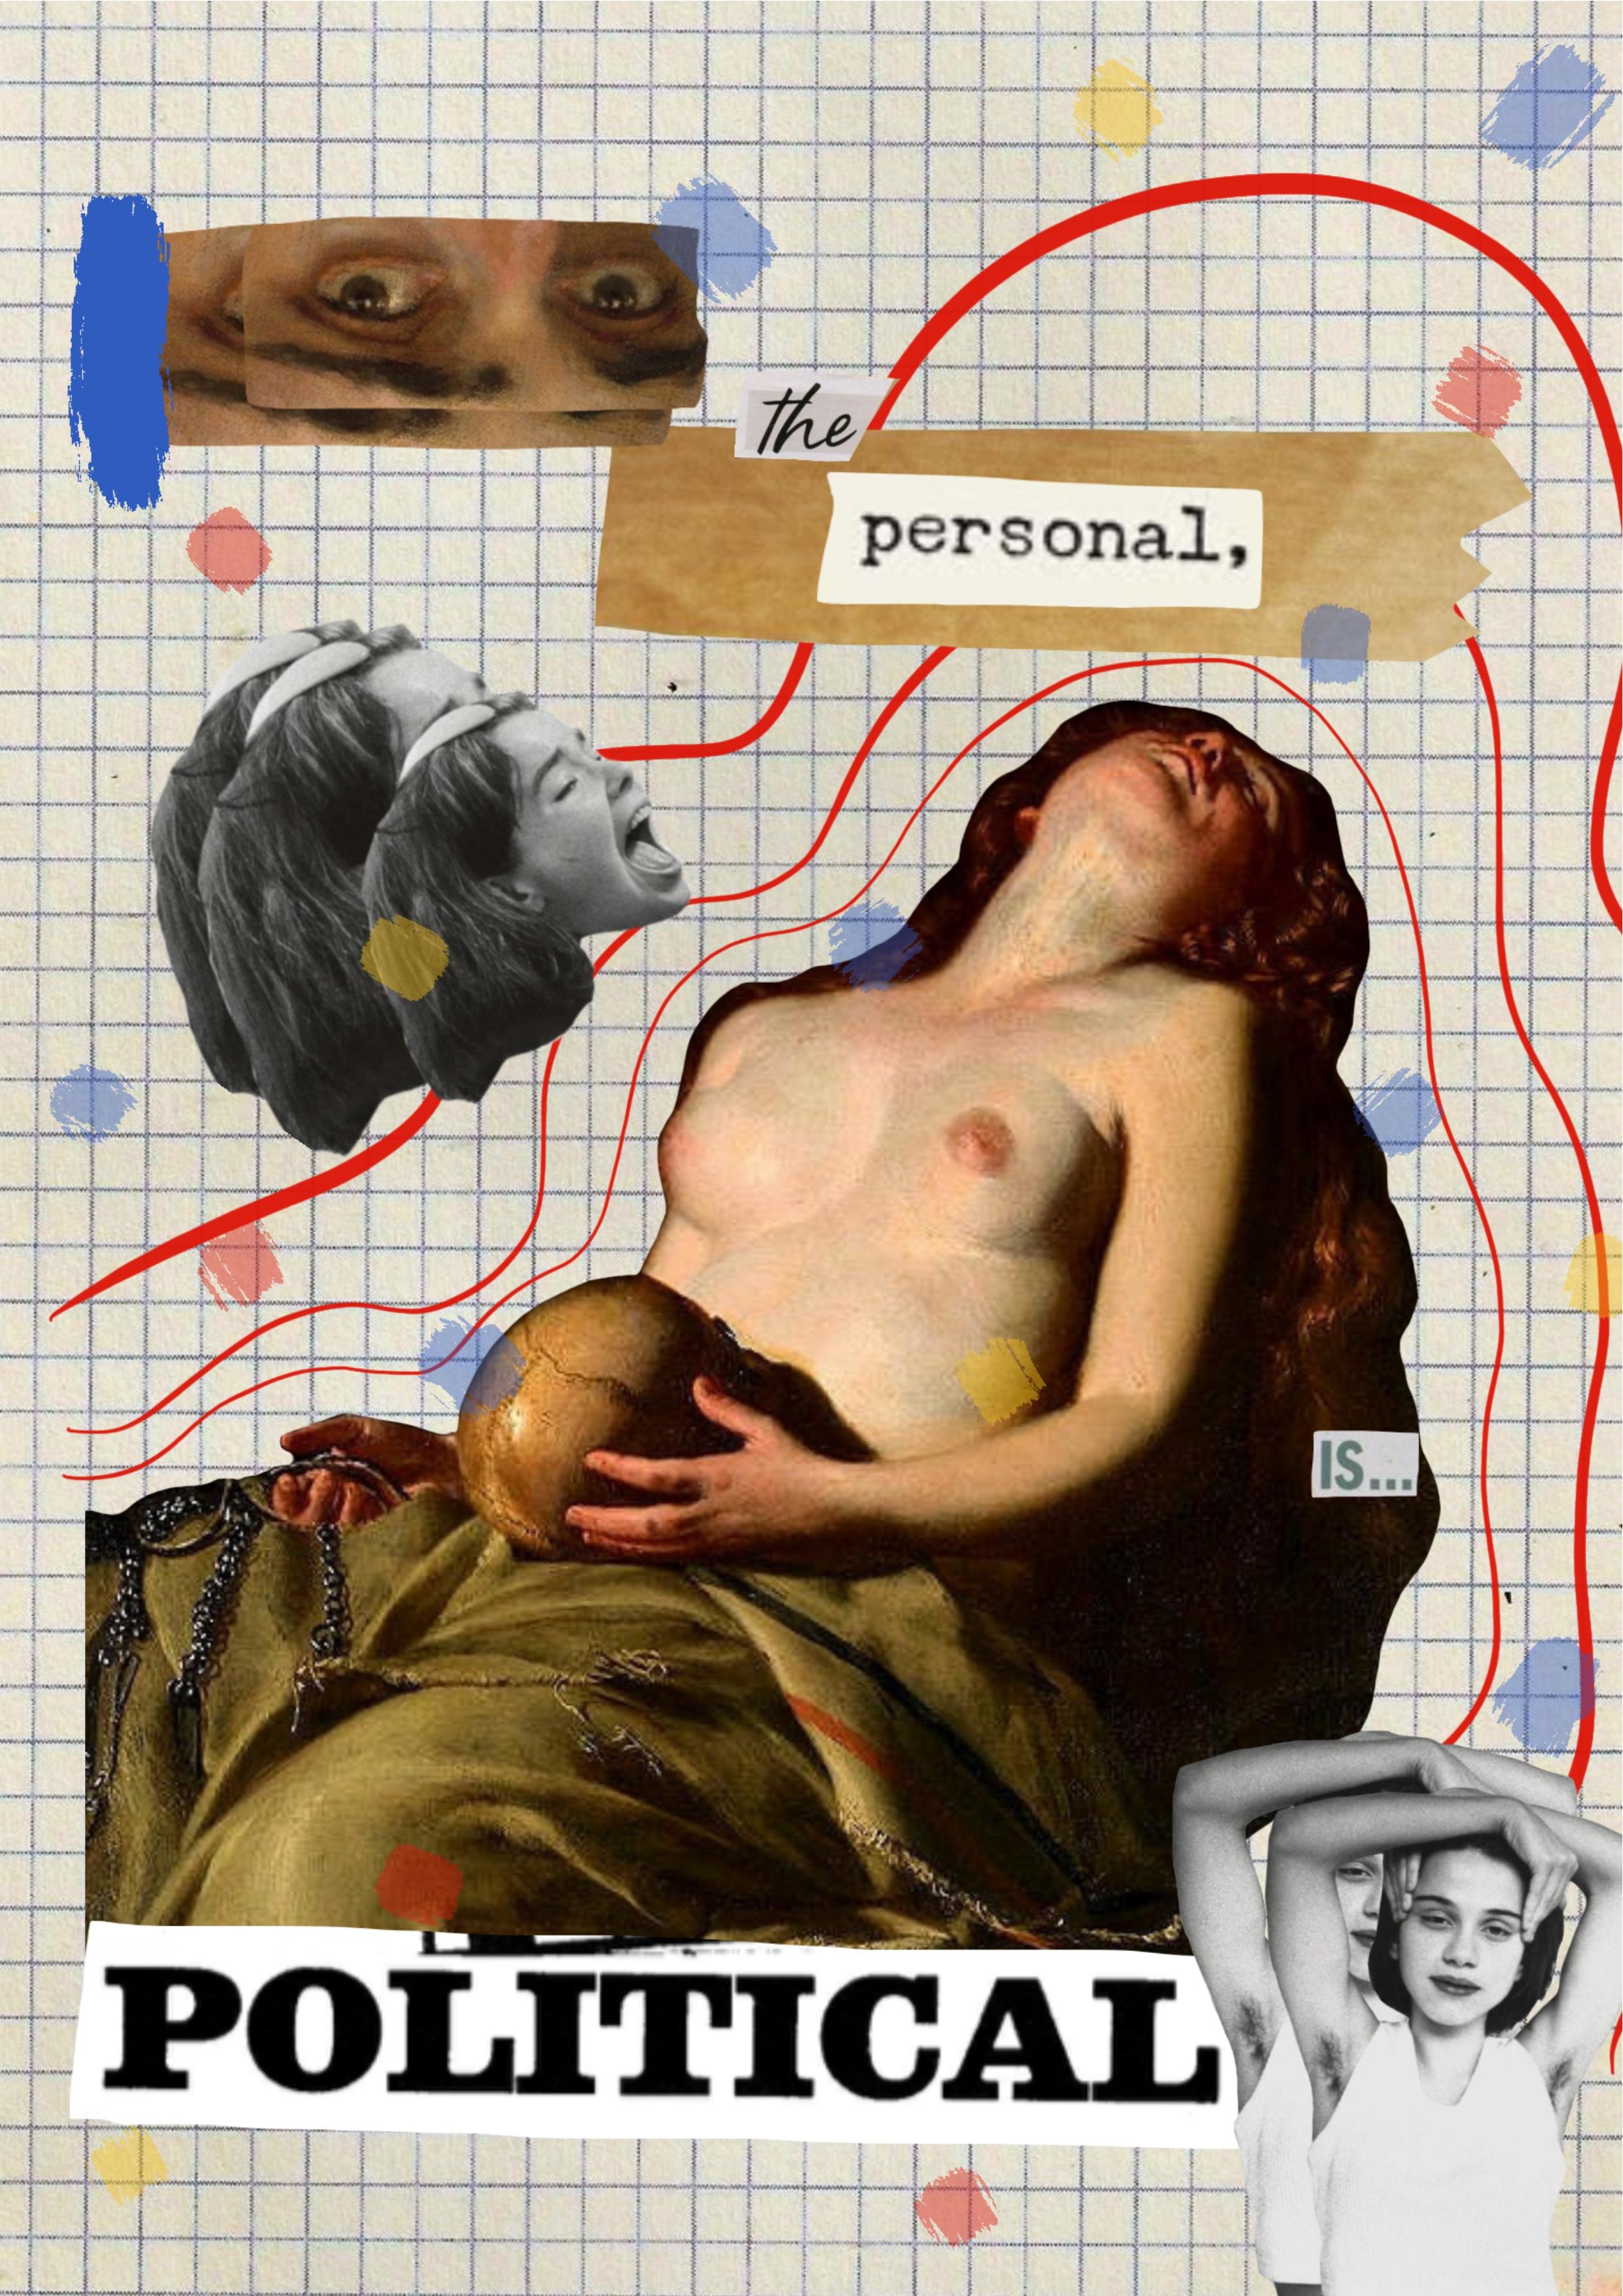 Personal is political (Maddalena Penitente - Guido Cagnacci) (courtesy of the artist)